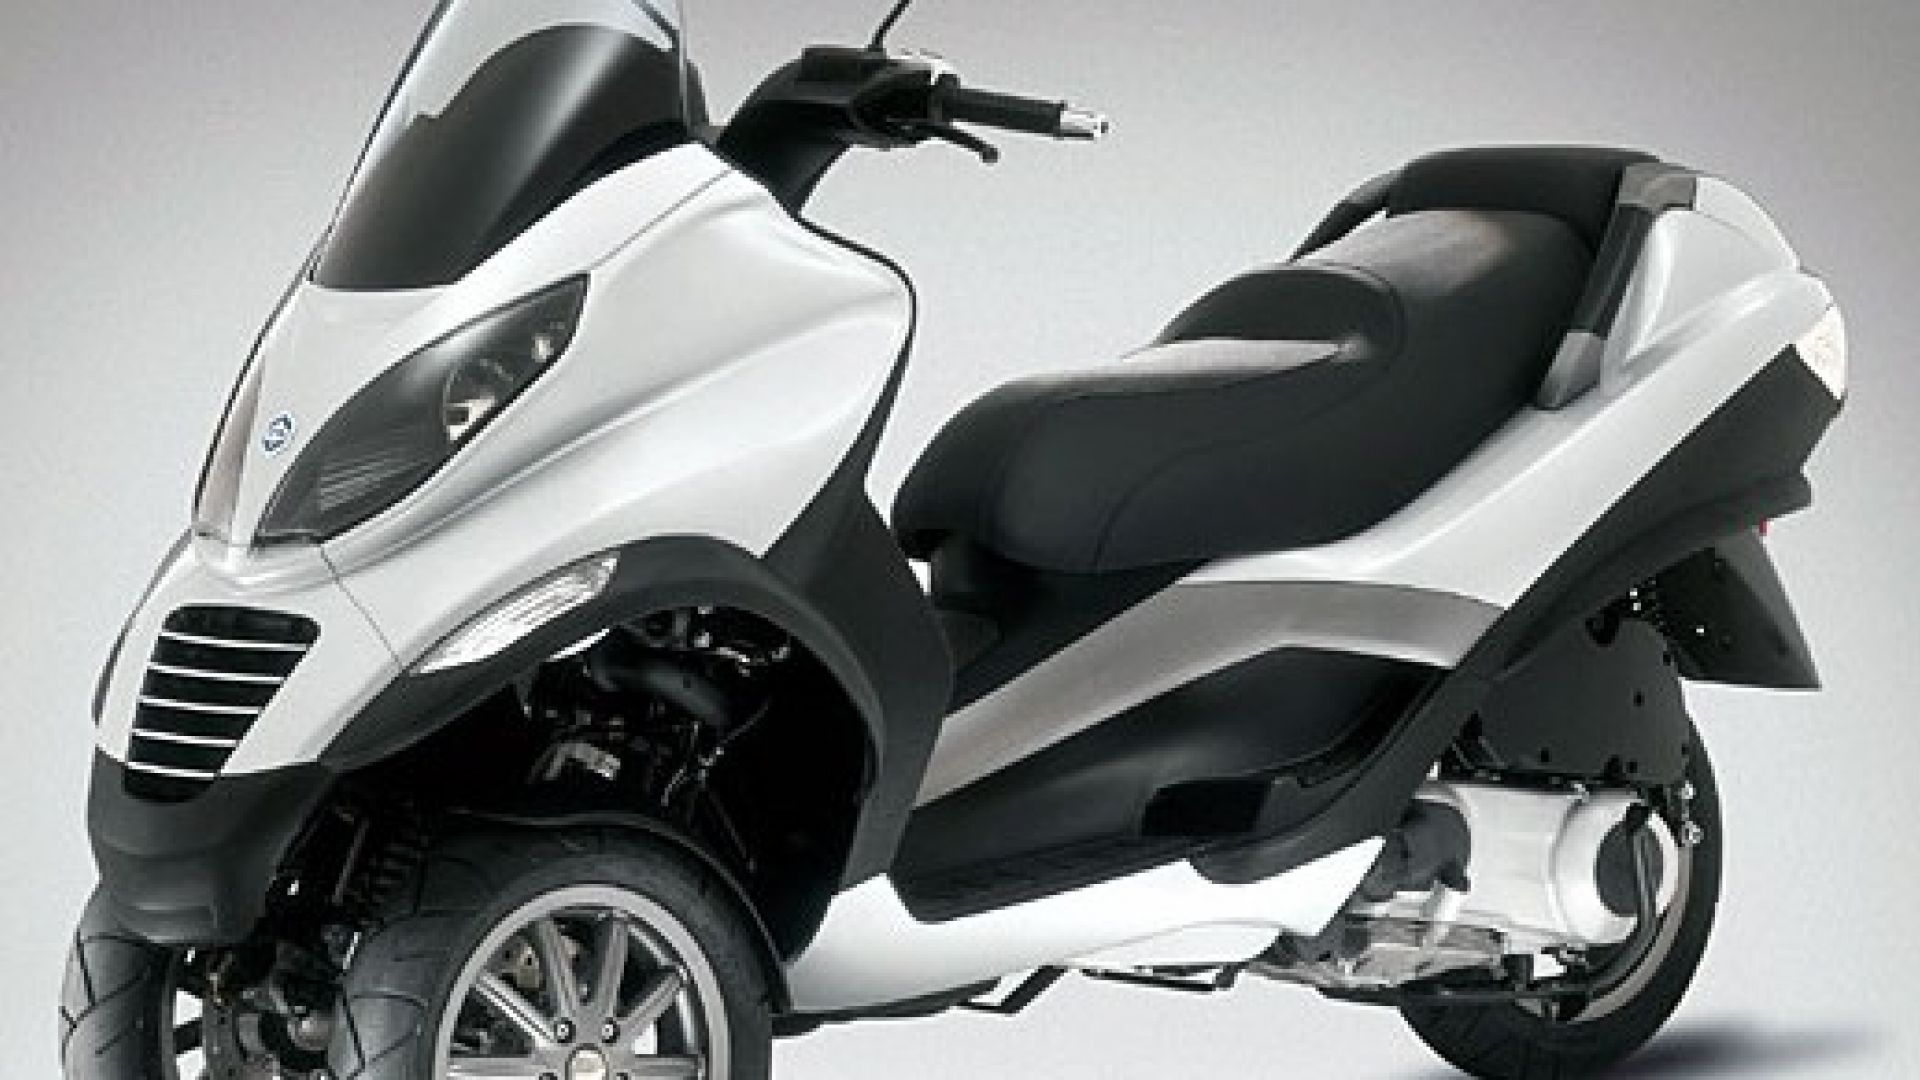 Immagine 1: Piaggio MP3, lo scooter con tre ruote